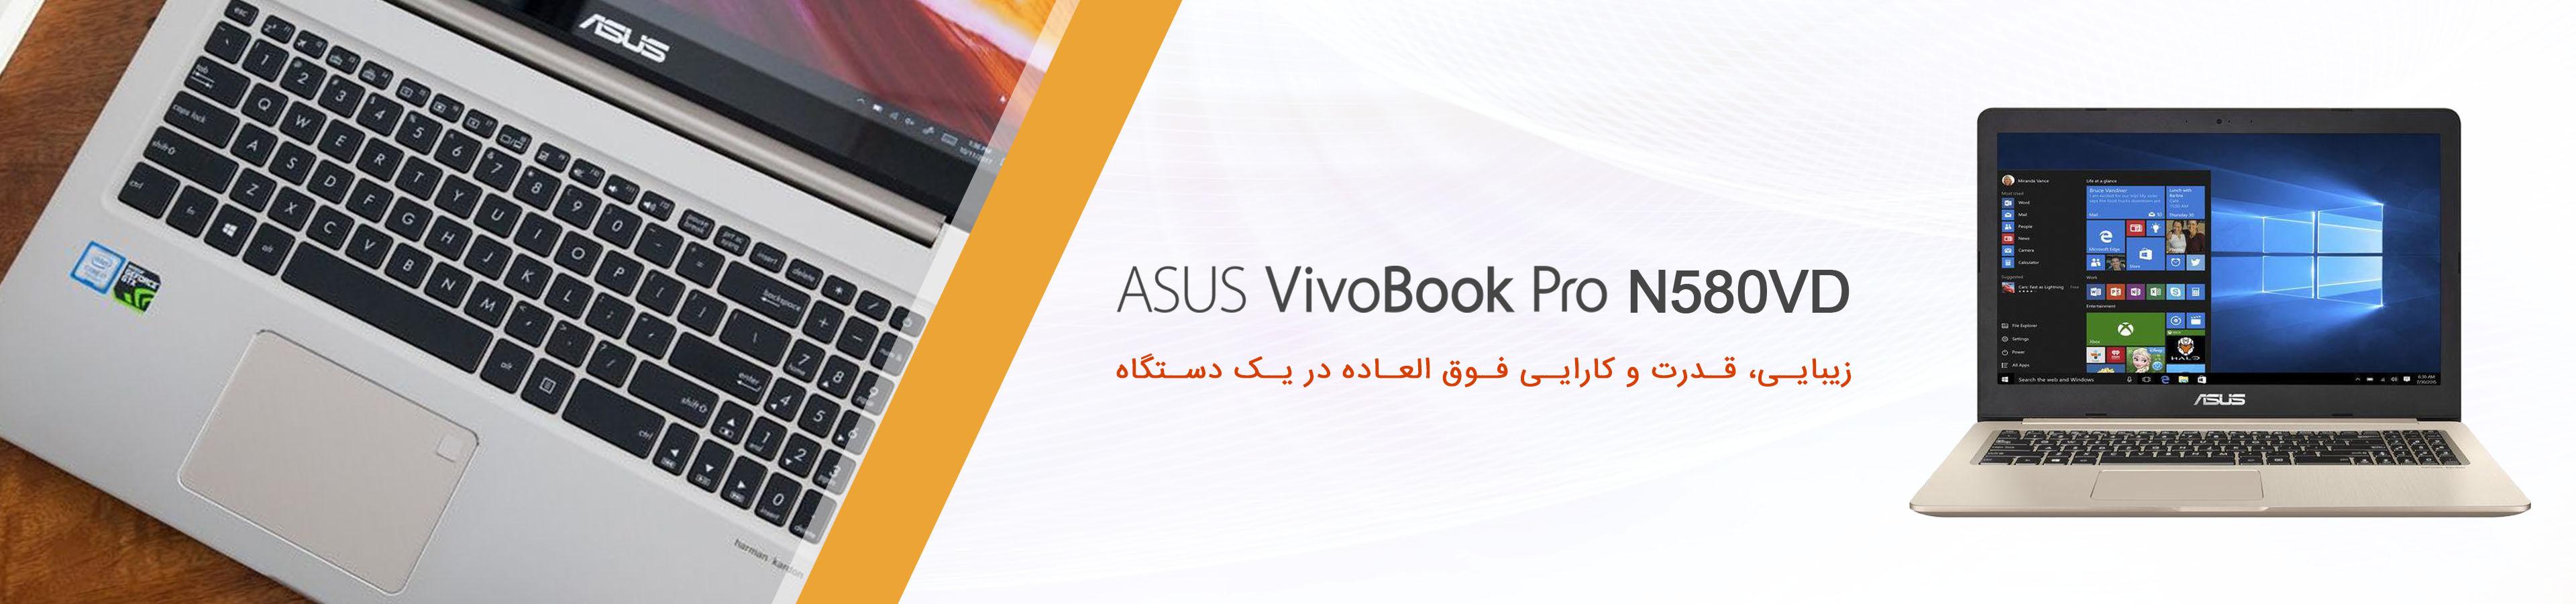 Asus N580 VD